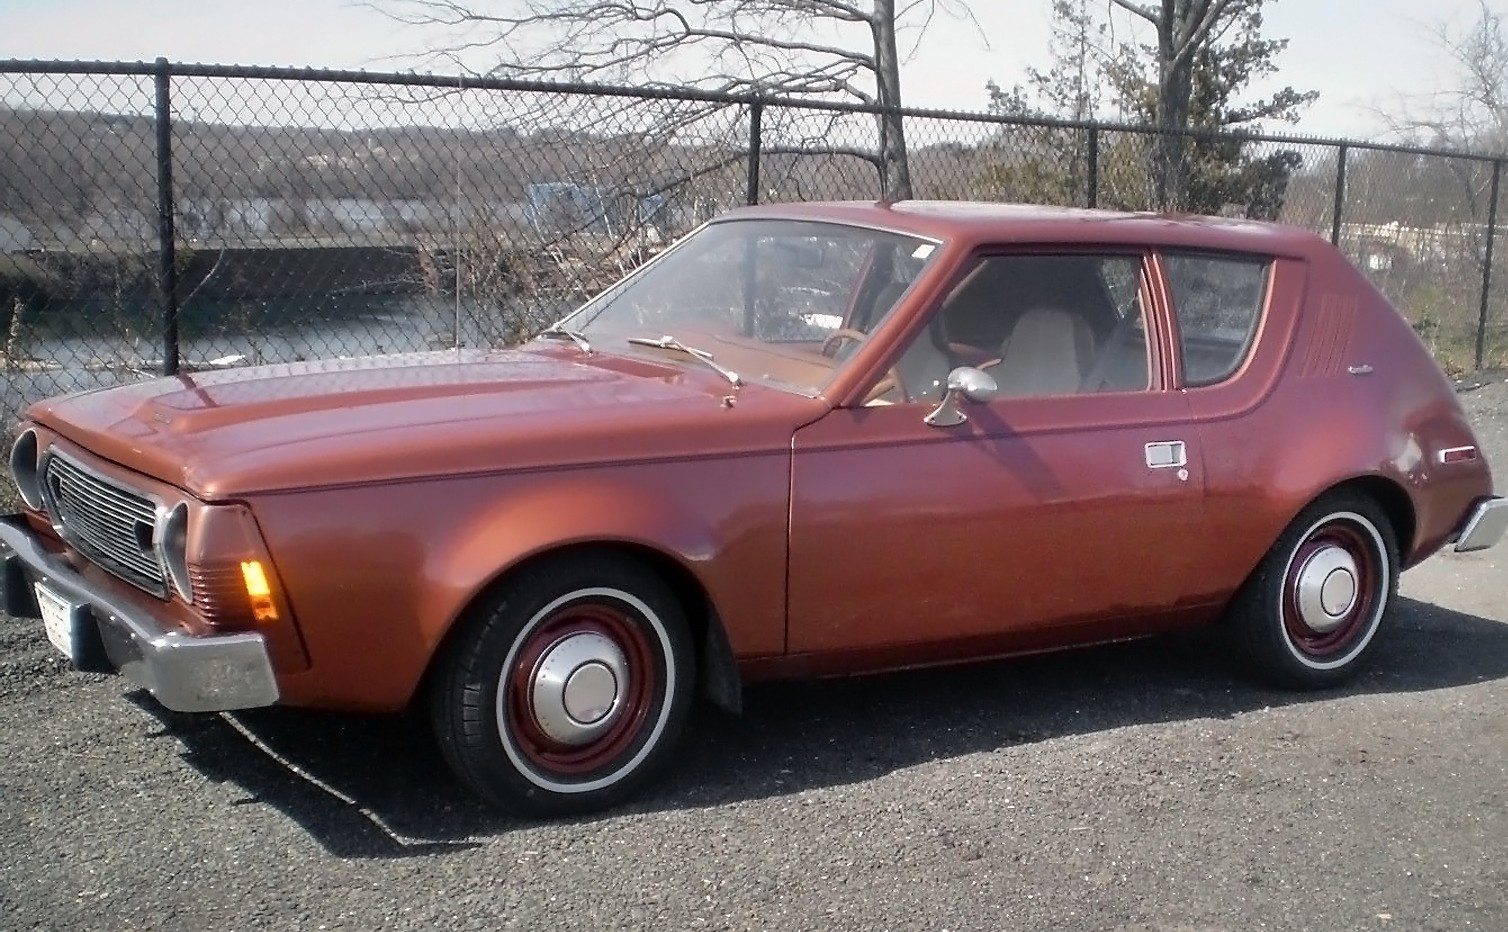 cool copper colored car 1974 amc gremlin. Black Bedroom Furniture Sets. Home Design Ideas